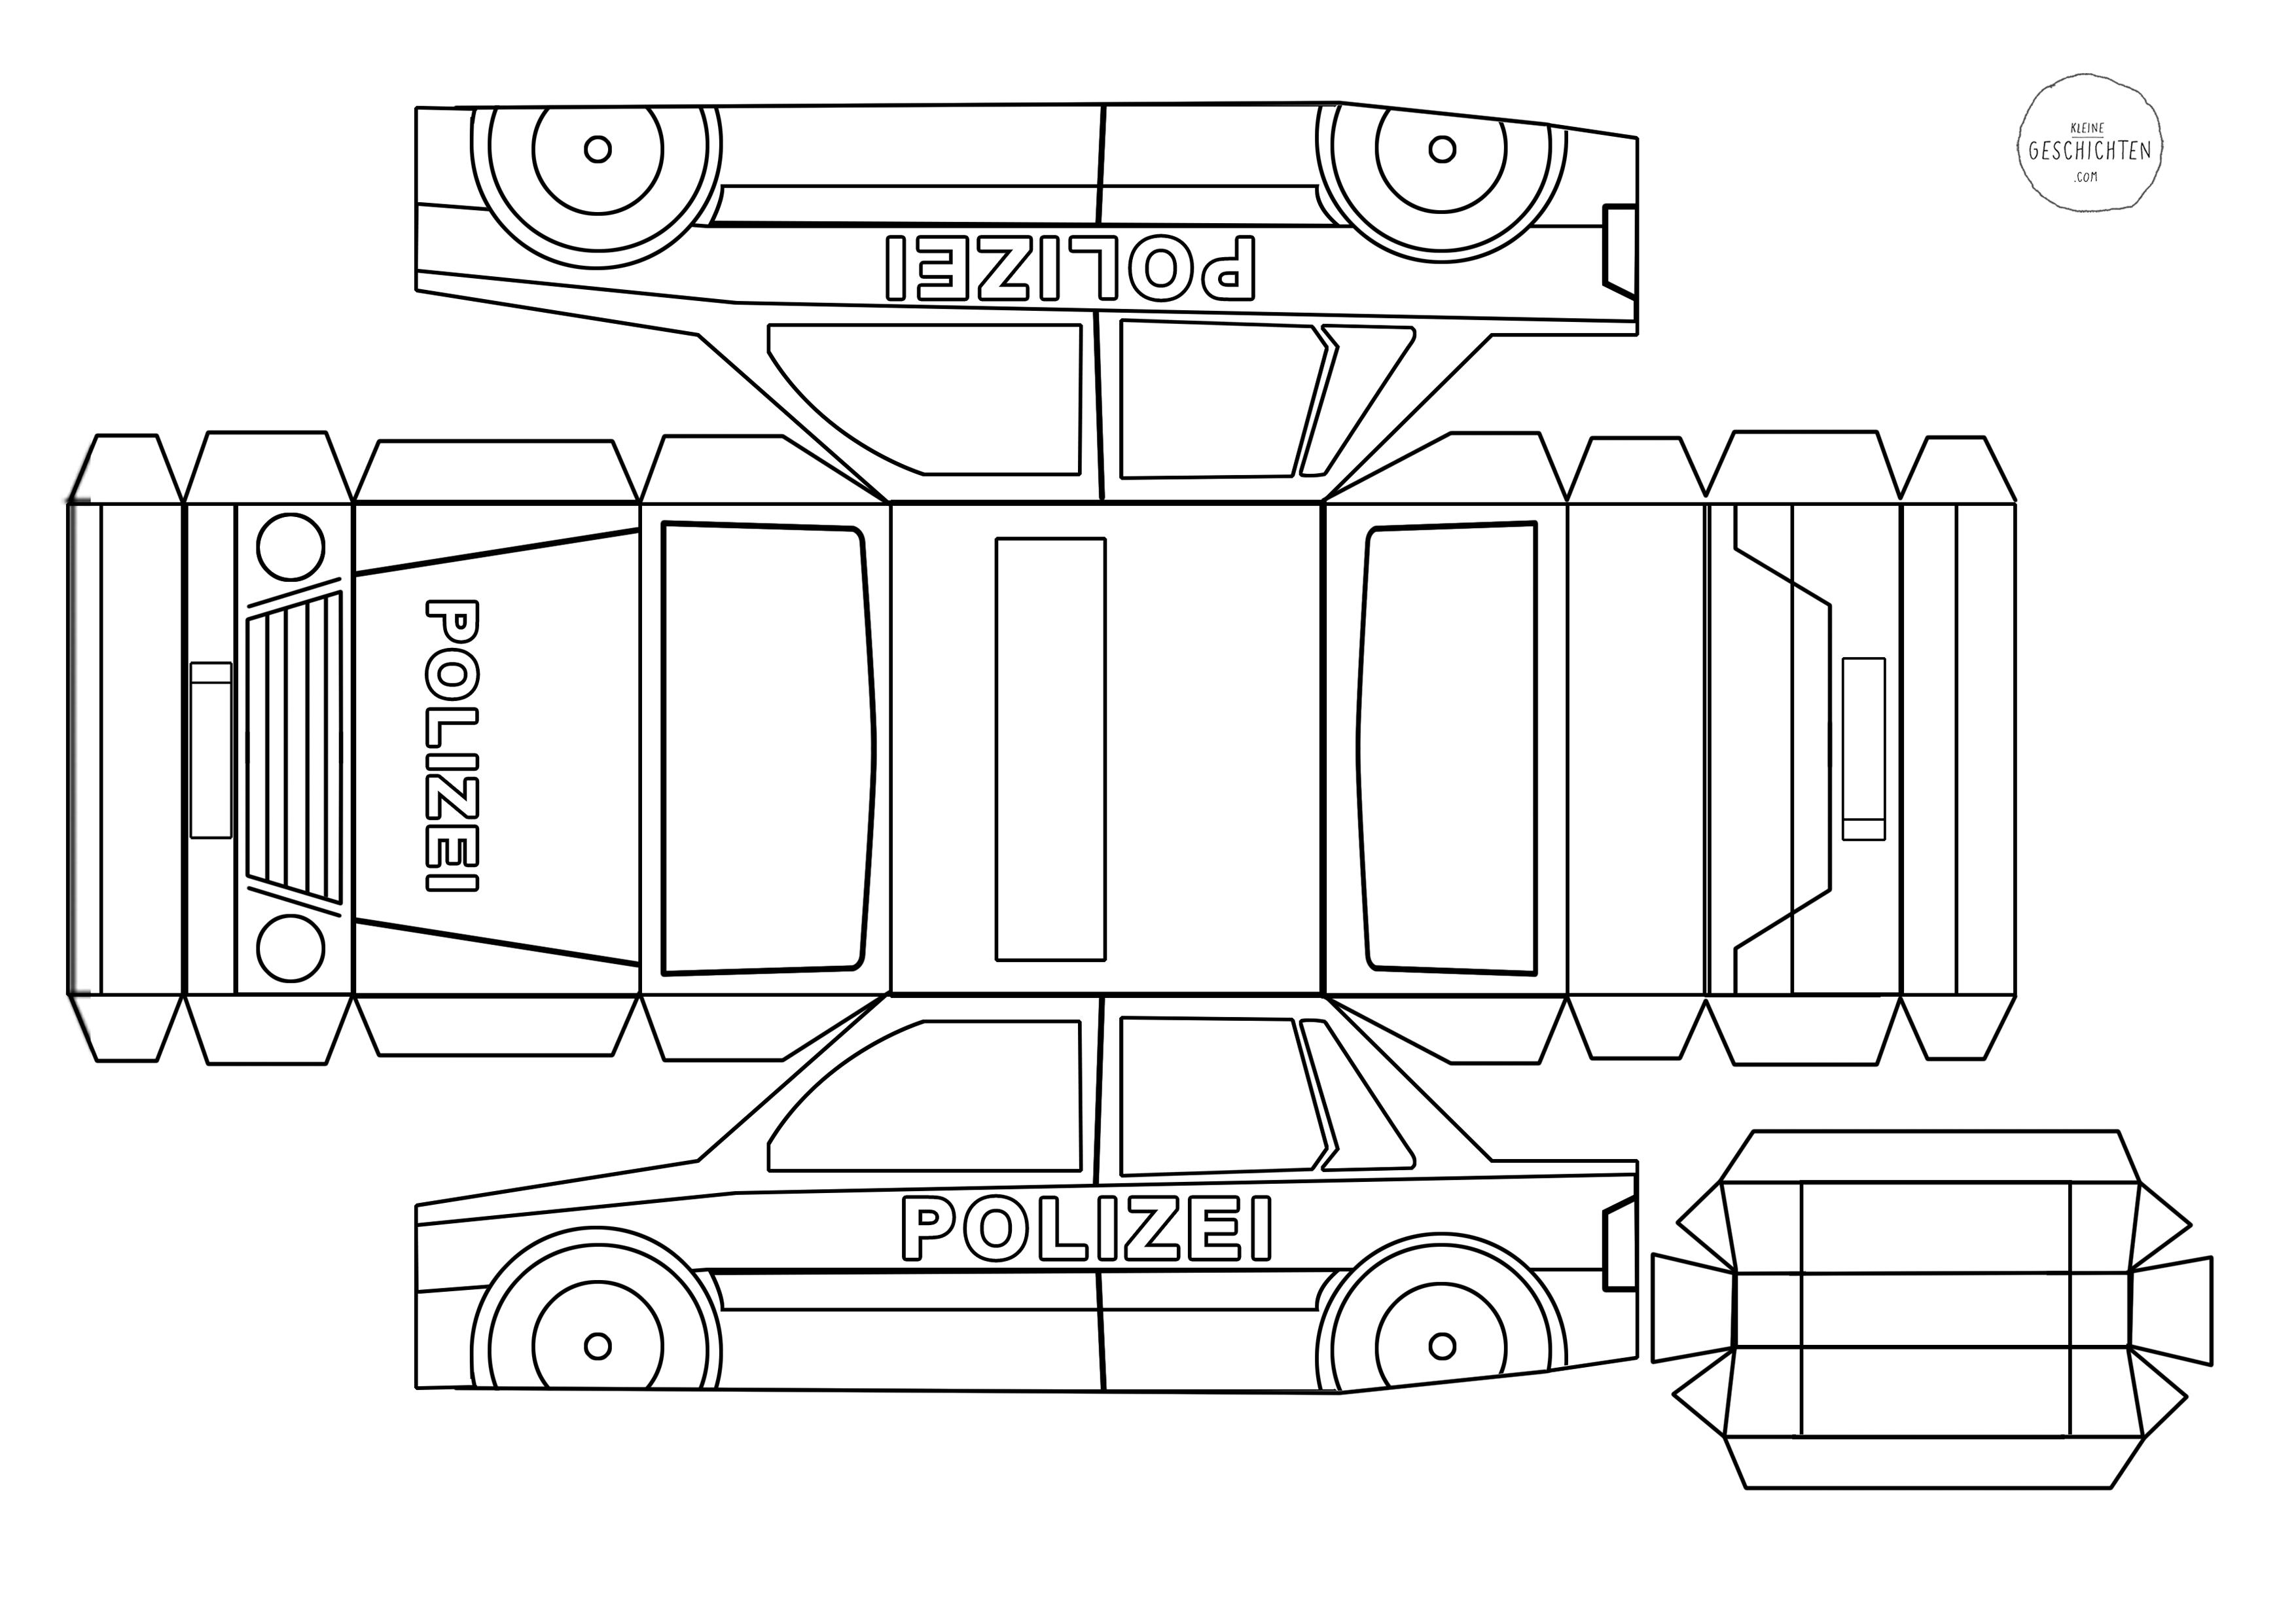 KleineGeschichten-Polizeiauto-selber-machen-fahrbares-Spielauto-basteln-mit-Kindenr-Polizeigeburstag-Polizei-Motto-Party